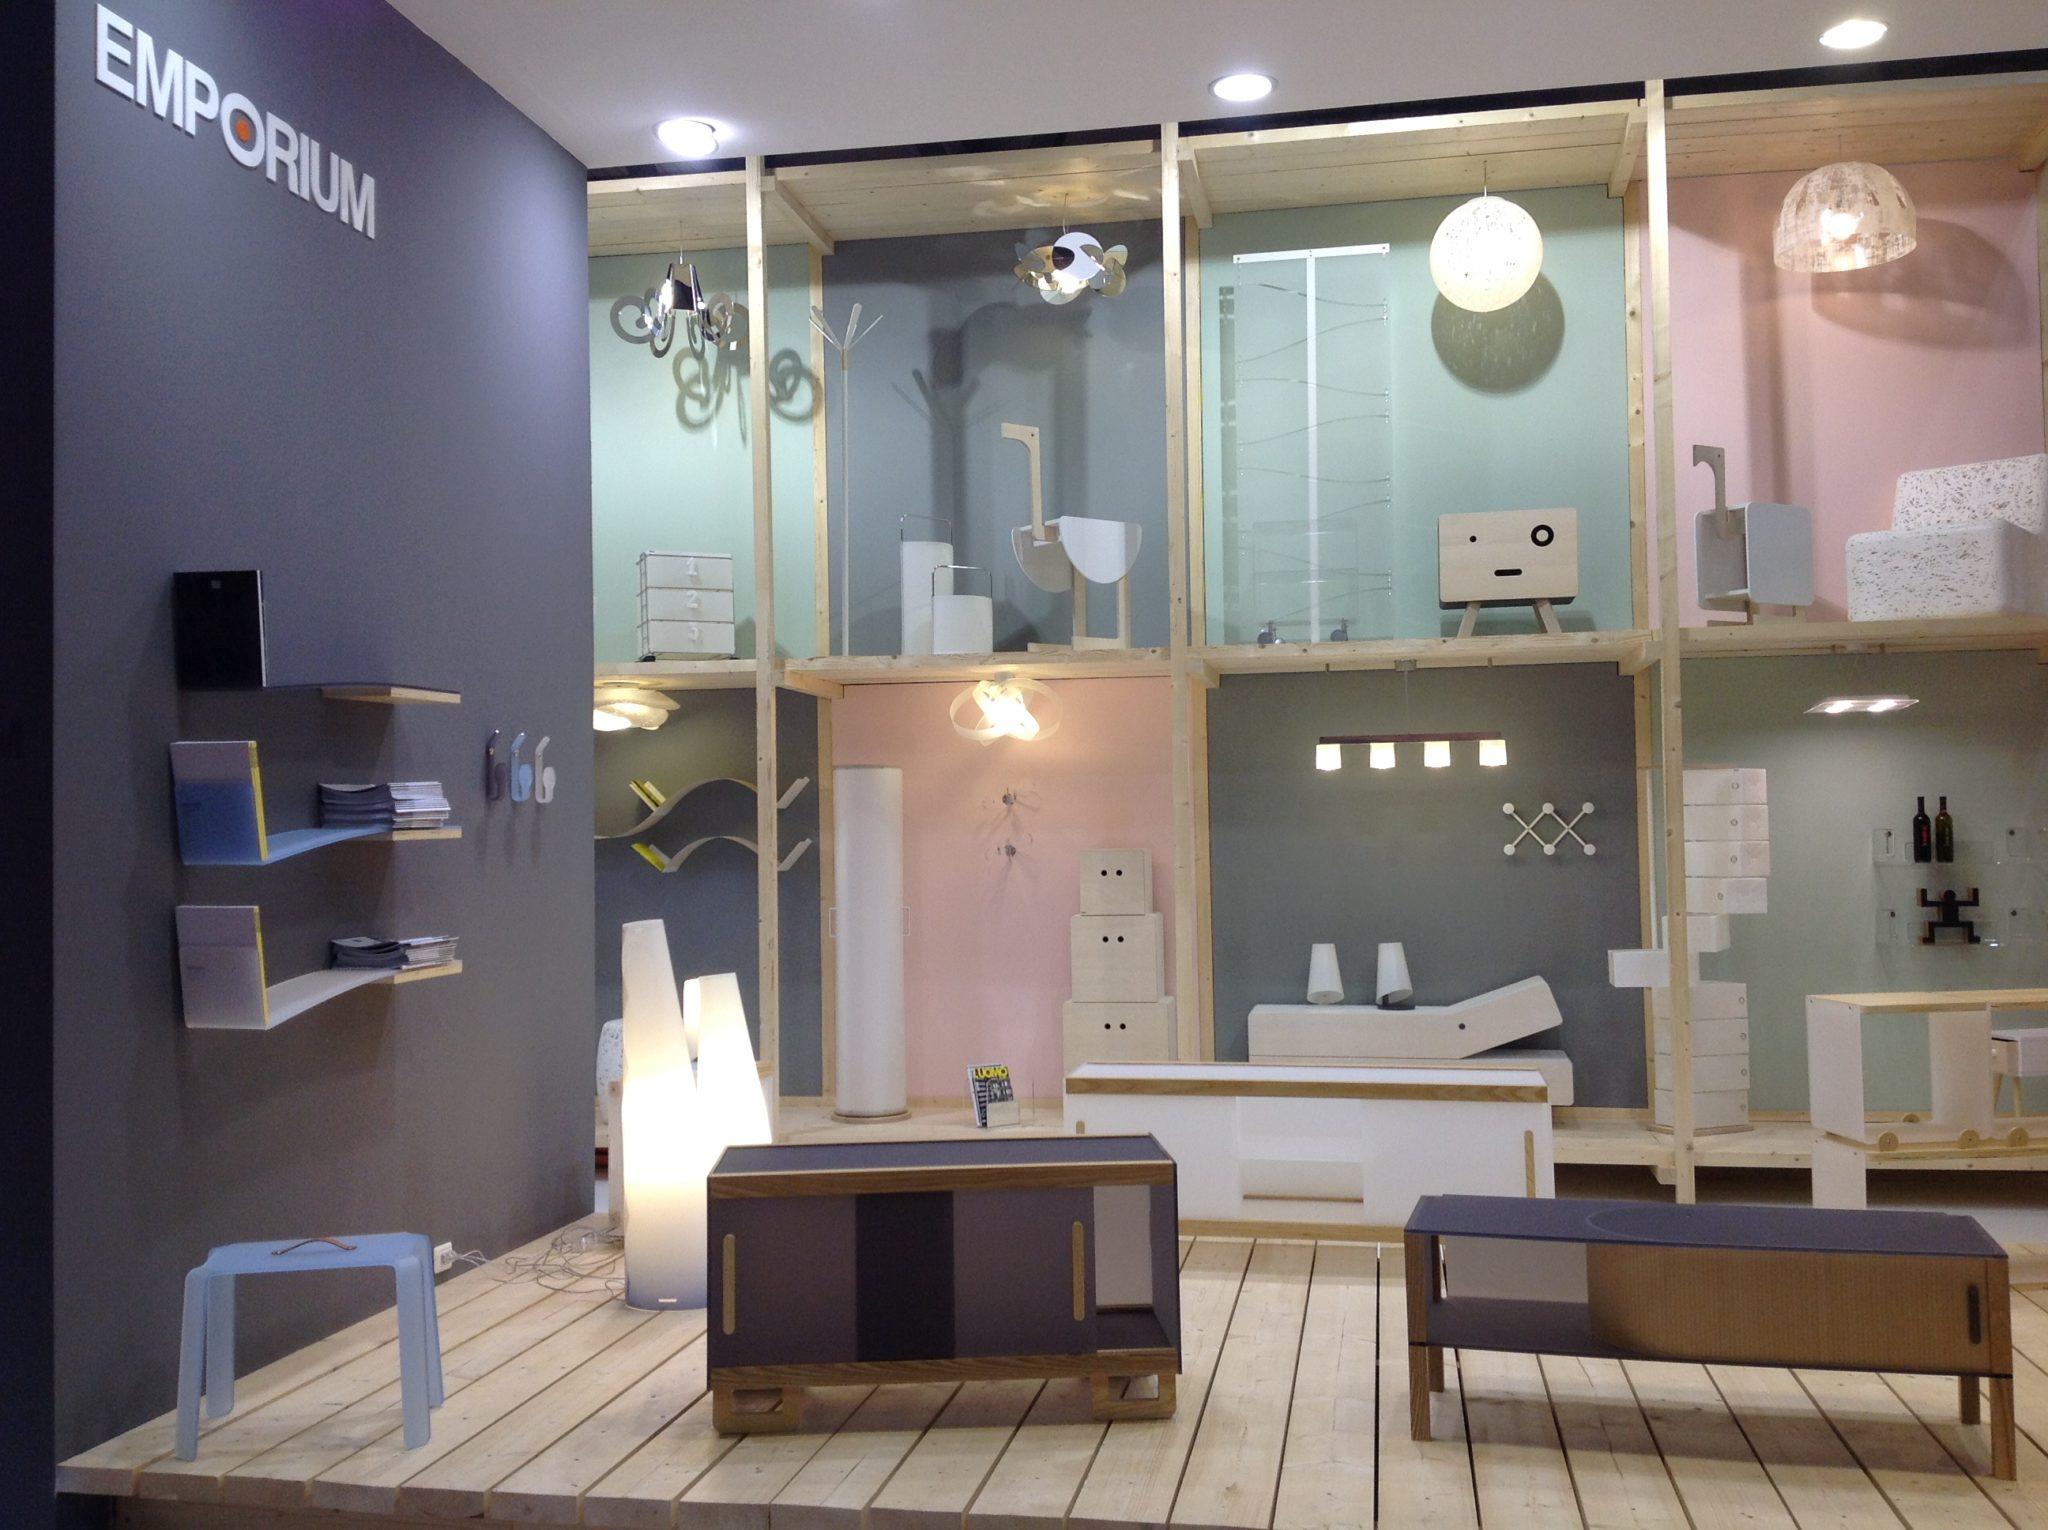 27 iSaloni 2014 milano design week interior design fair design de luxe luksosowe meble targi w mediolanie Emporium